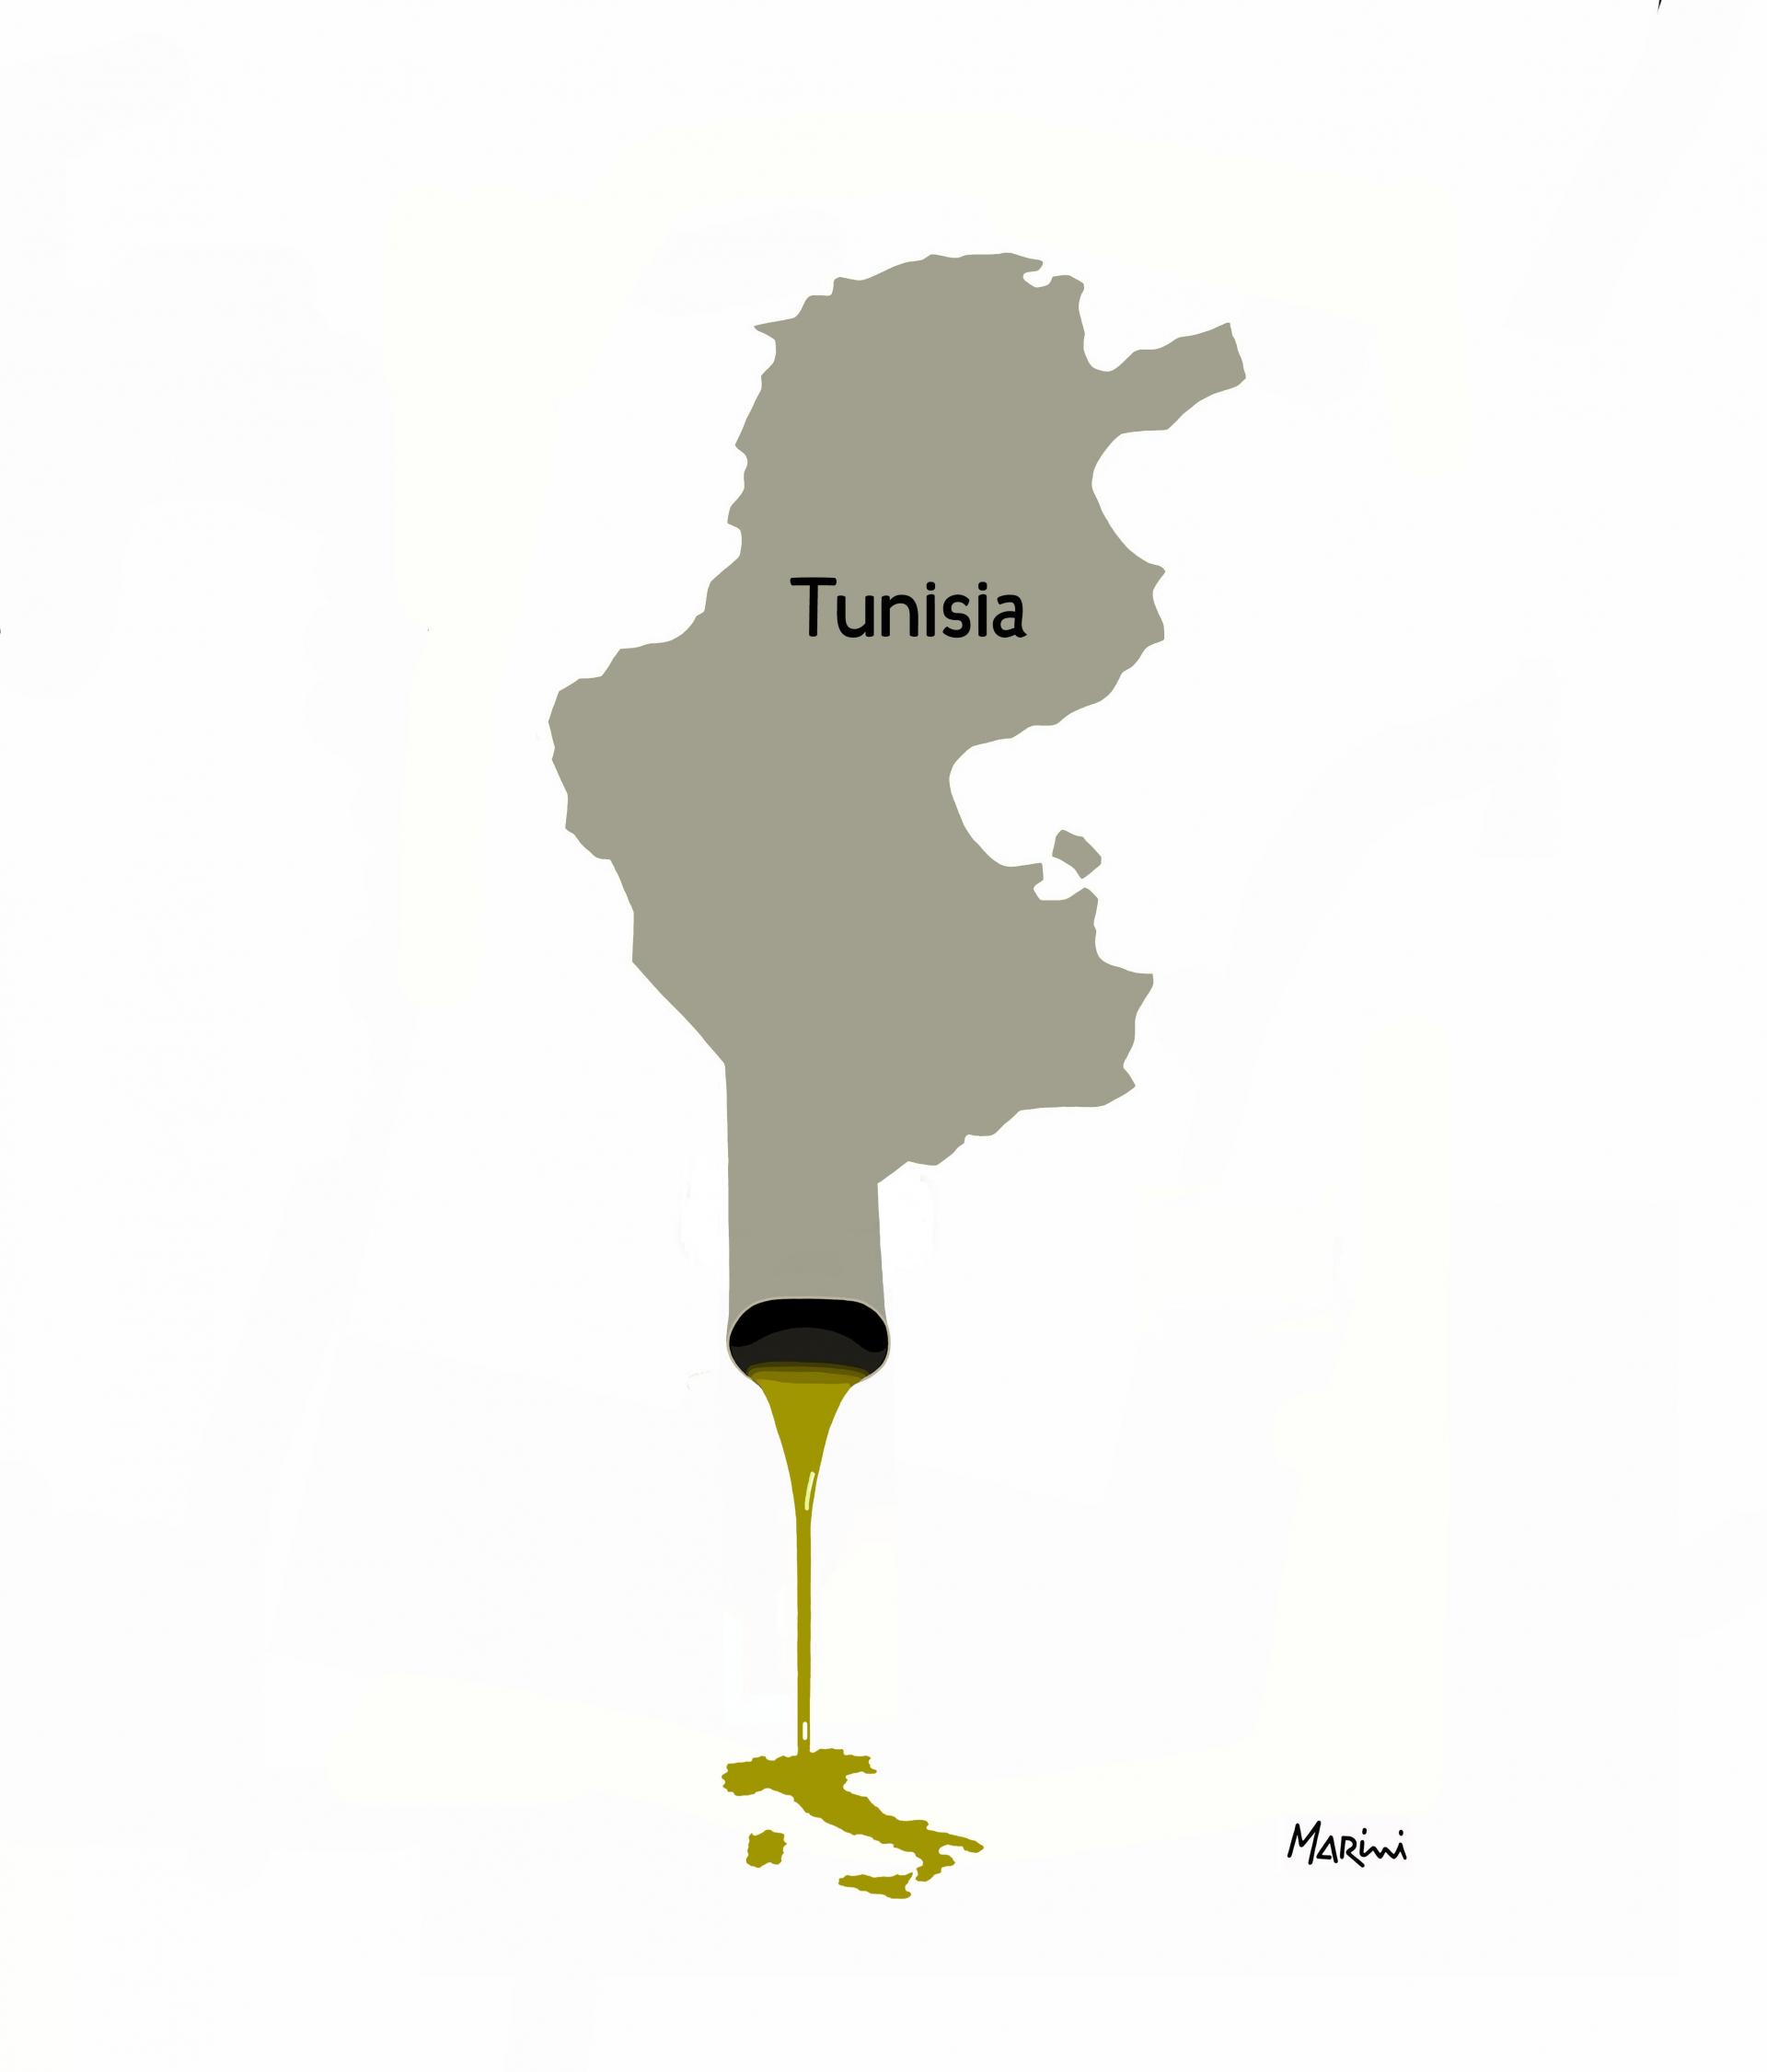 Olio tunisino, le proposte Assitol contro il rischio frodi